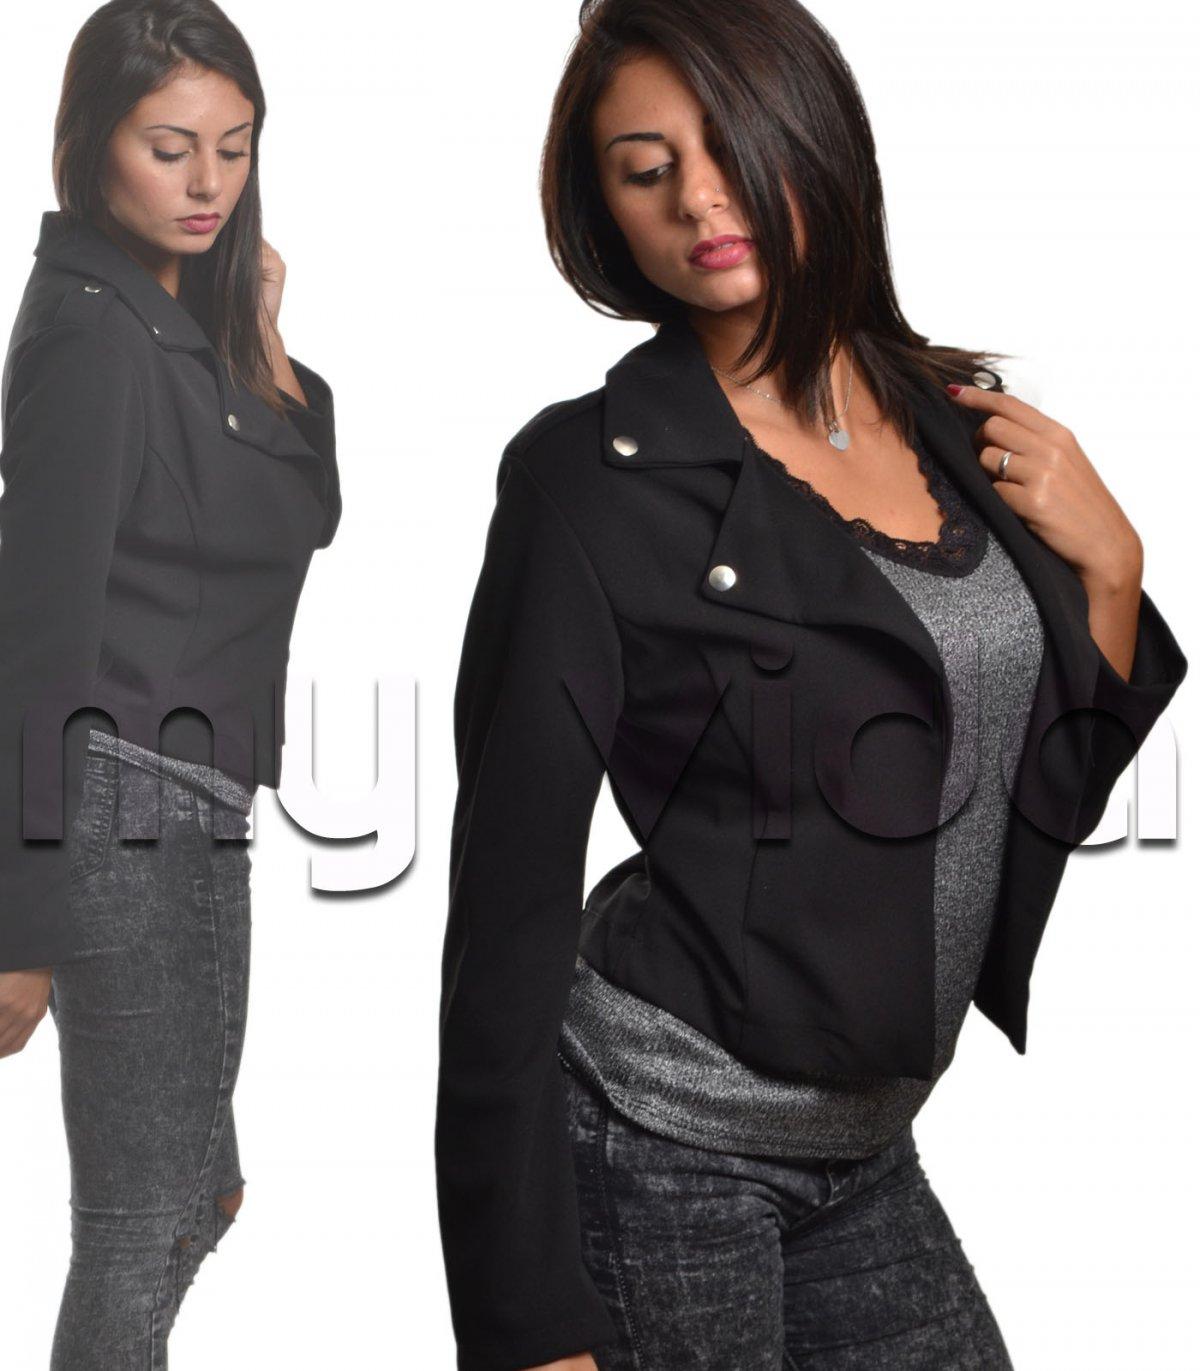 new concept 655df 74e29 Giacchetta corta donna con revers | My Vida